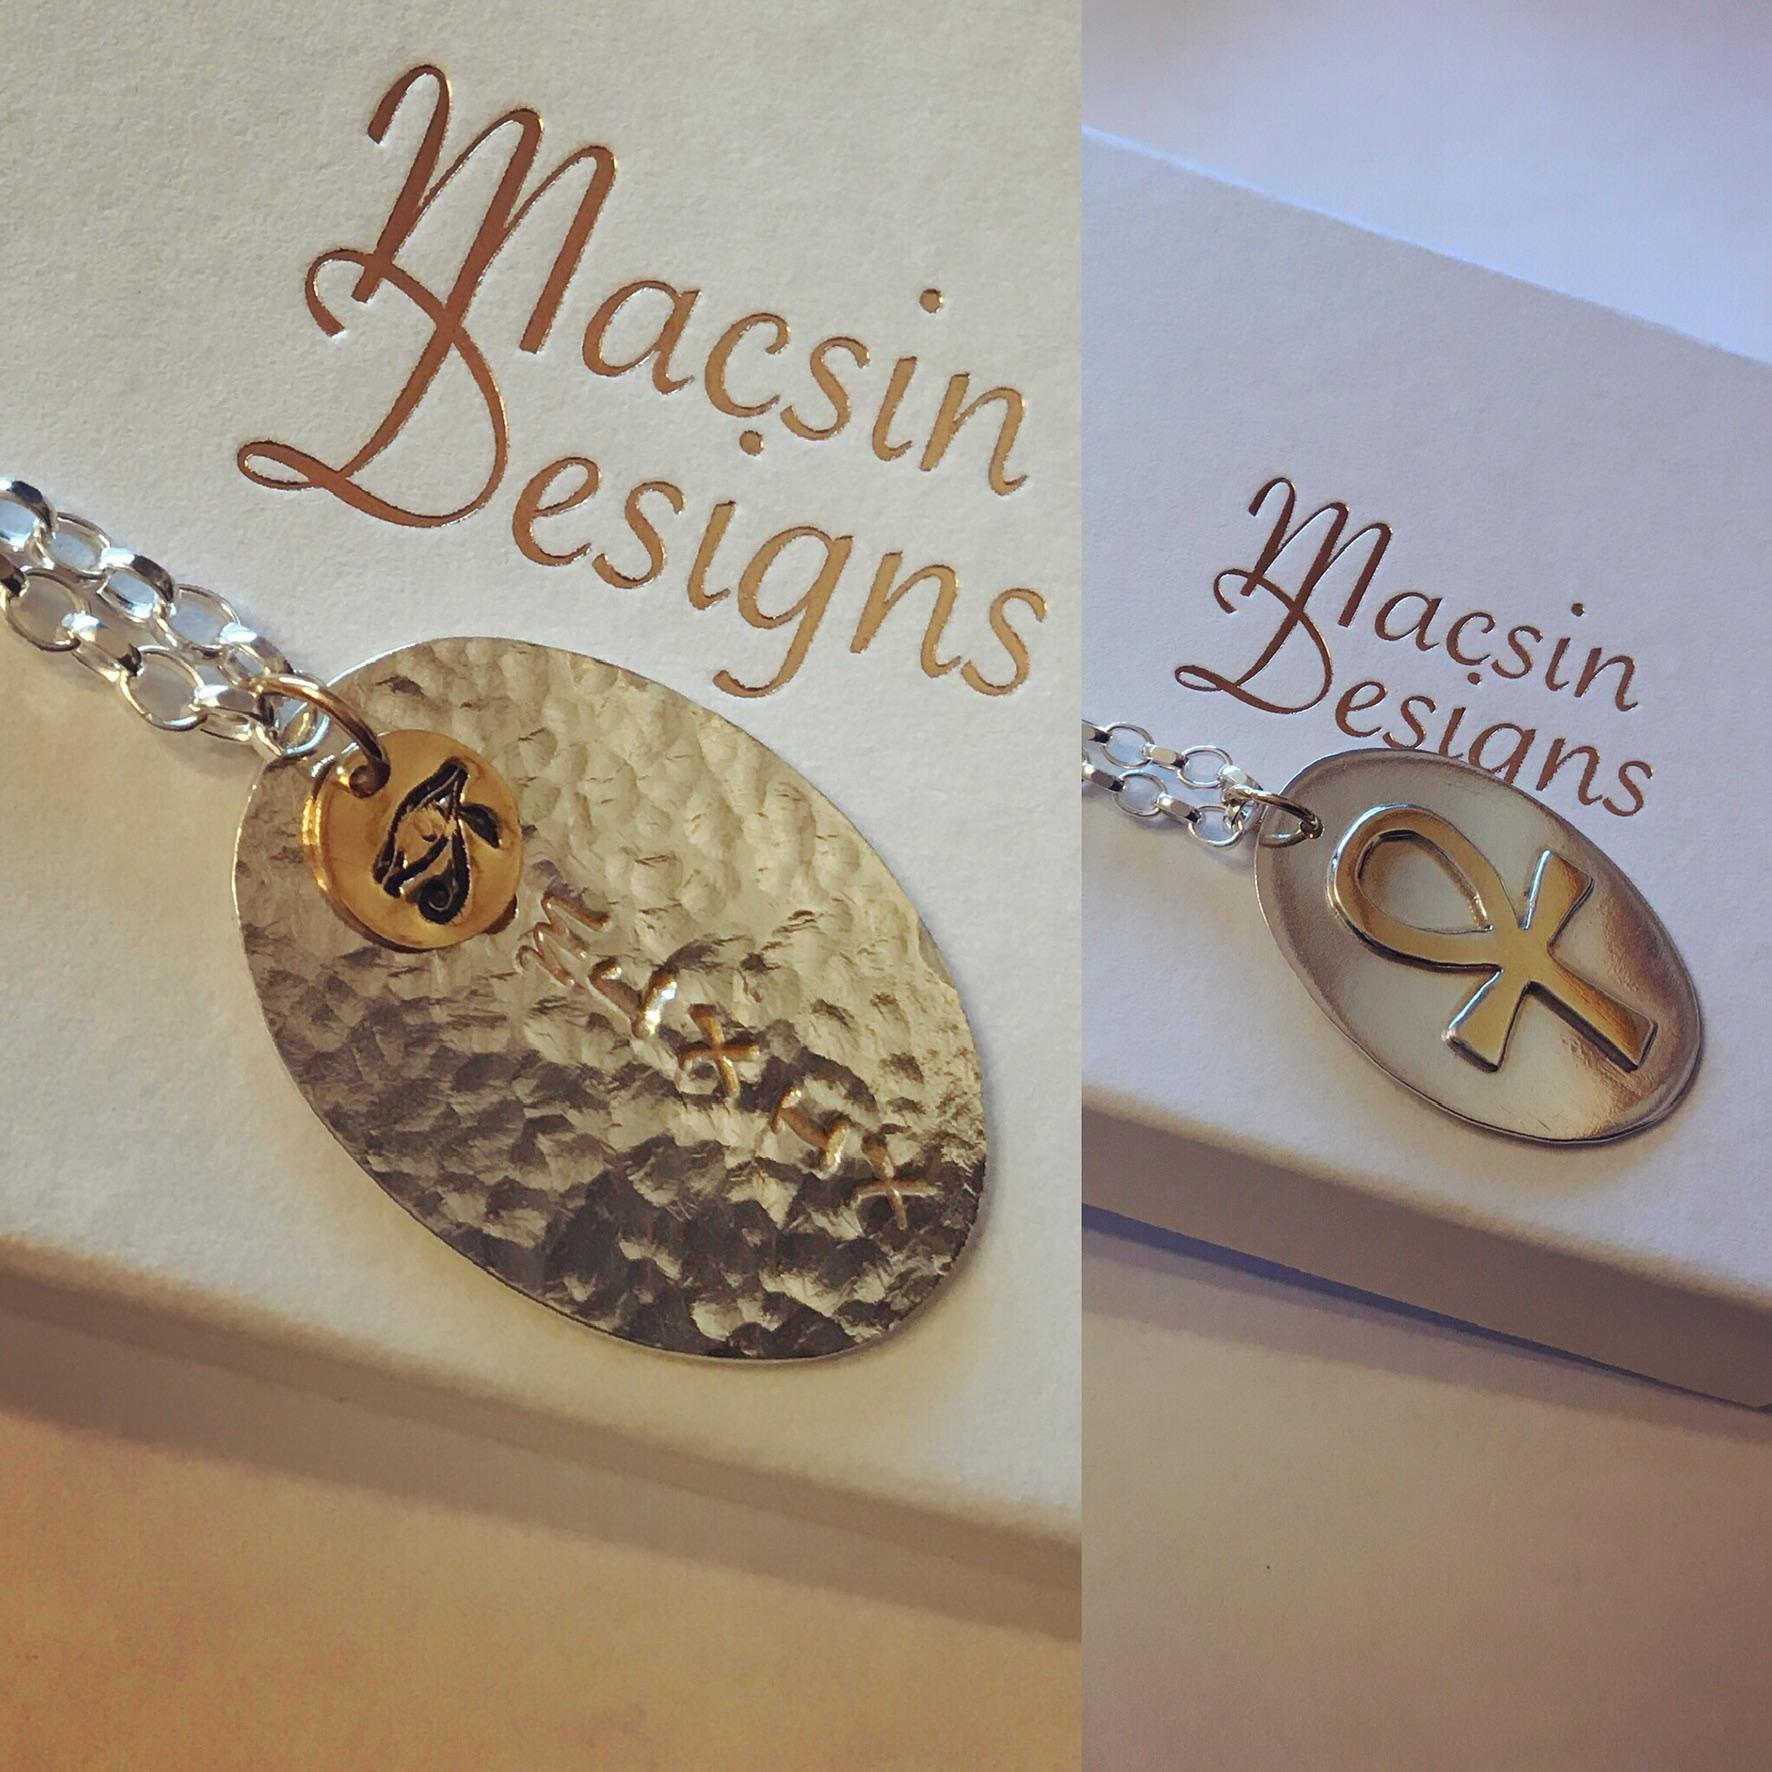 Macsin Designs